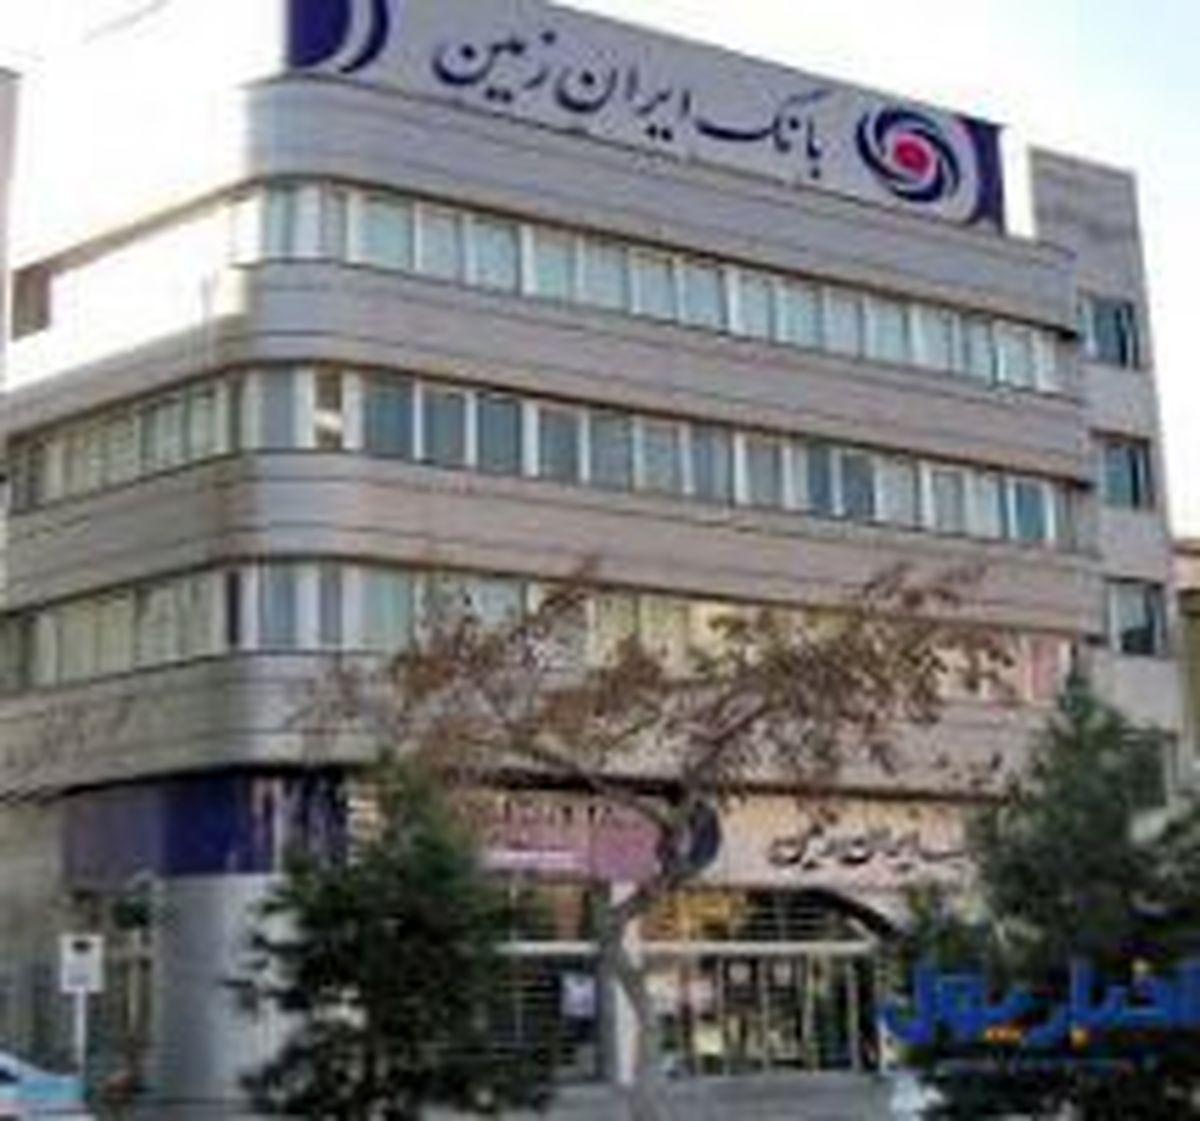 اجرای ۷۱۵ پروژه برای پیادهسازی بانکداری دیجیتال در بانک ایران زمین